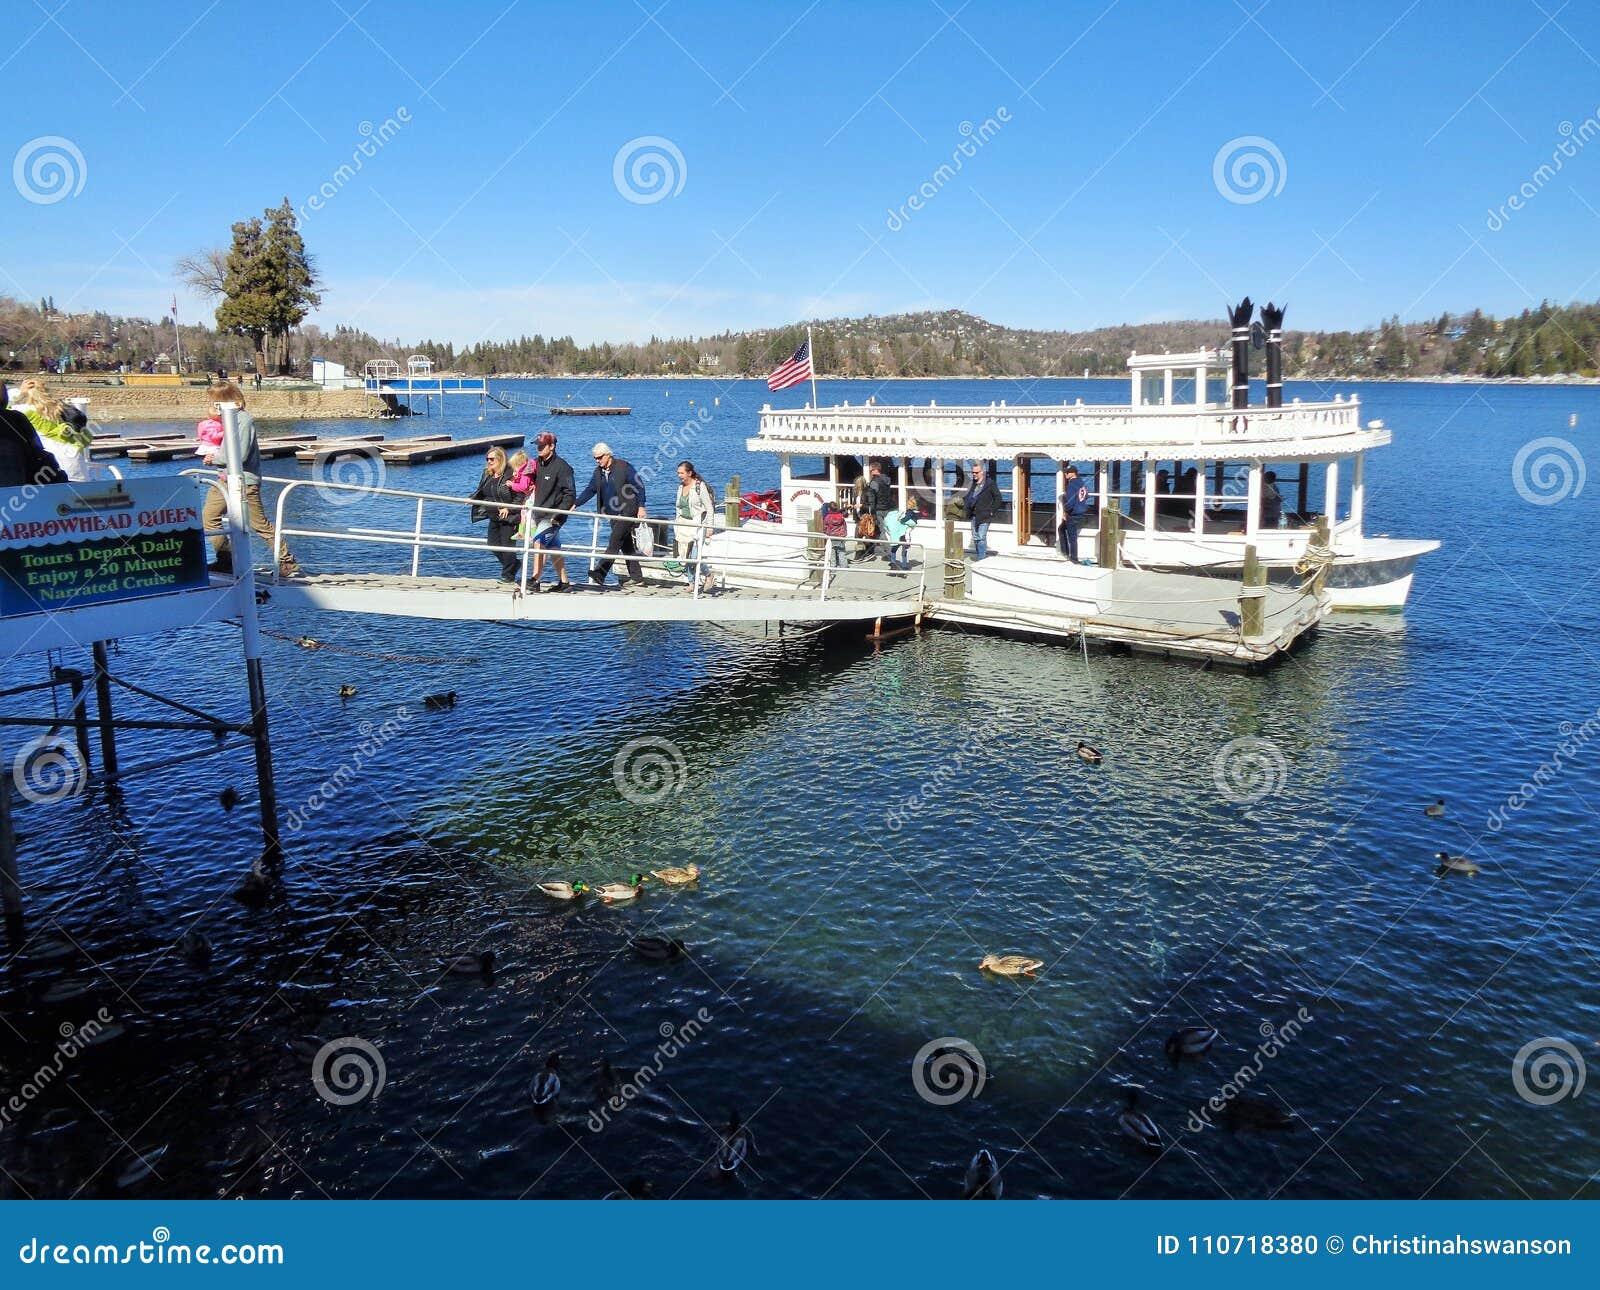 Touristes débarquant le bateau de roue à aubes de la Reine de pointe de flèche de lac